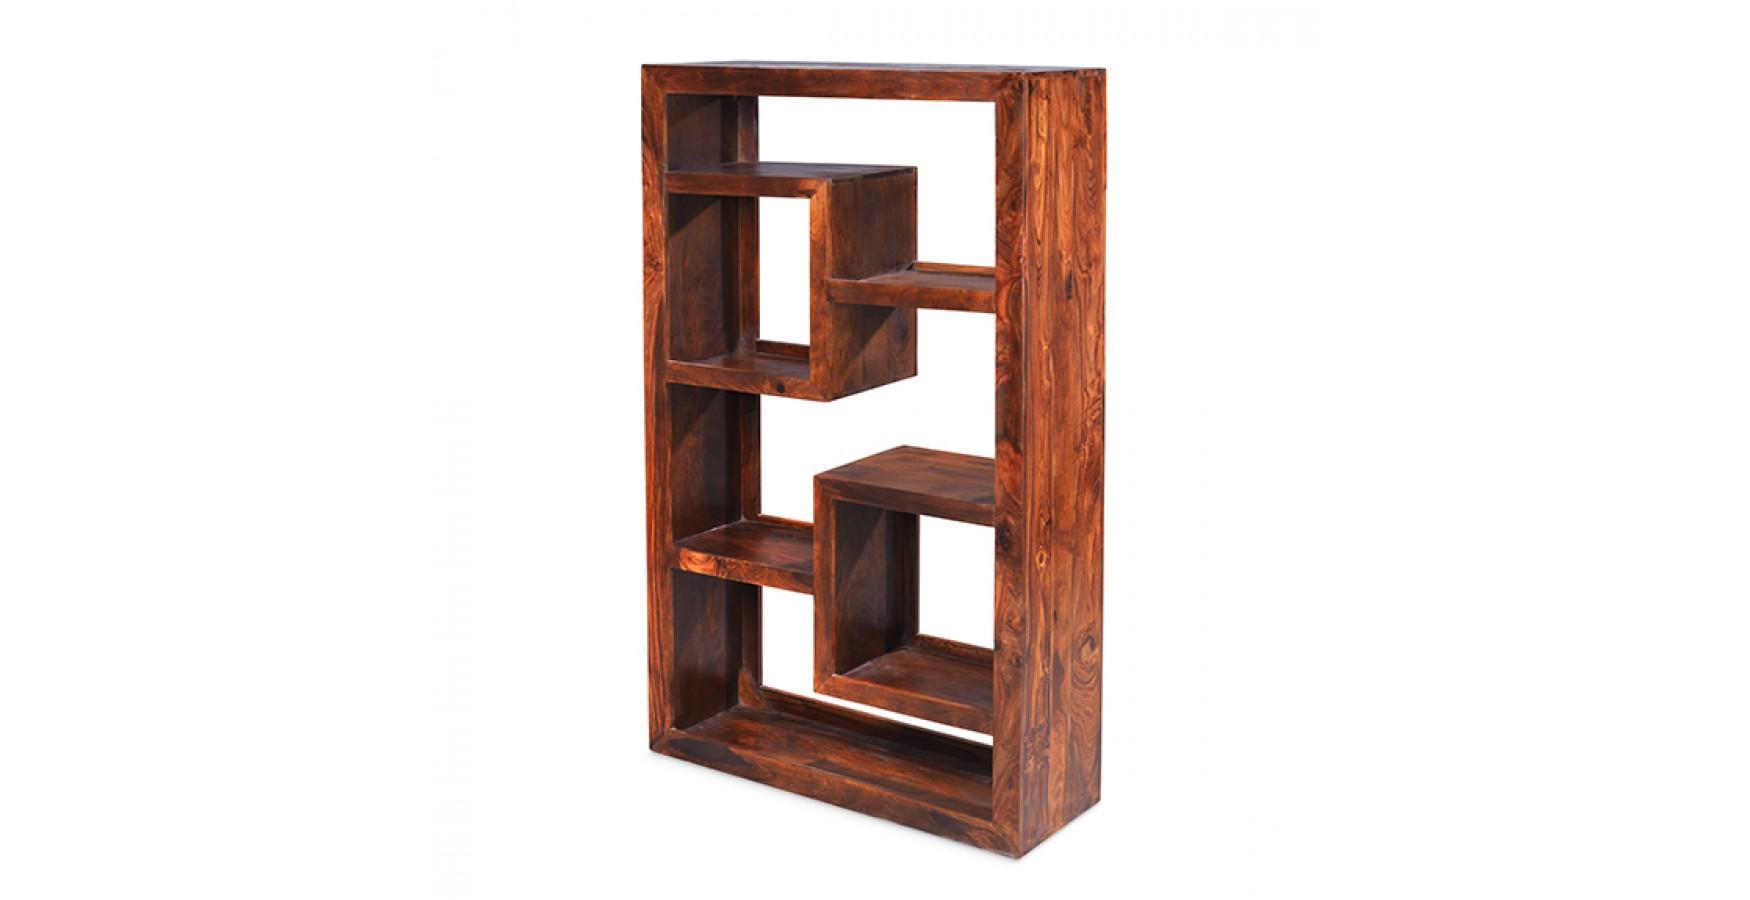 Cuba Sheesham Geometric Bookcase - Lifestyle Furniture UK